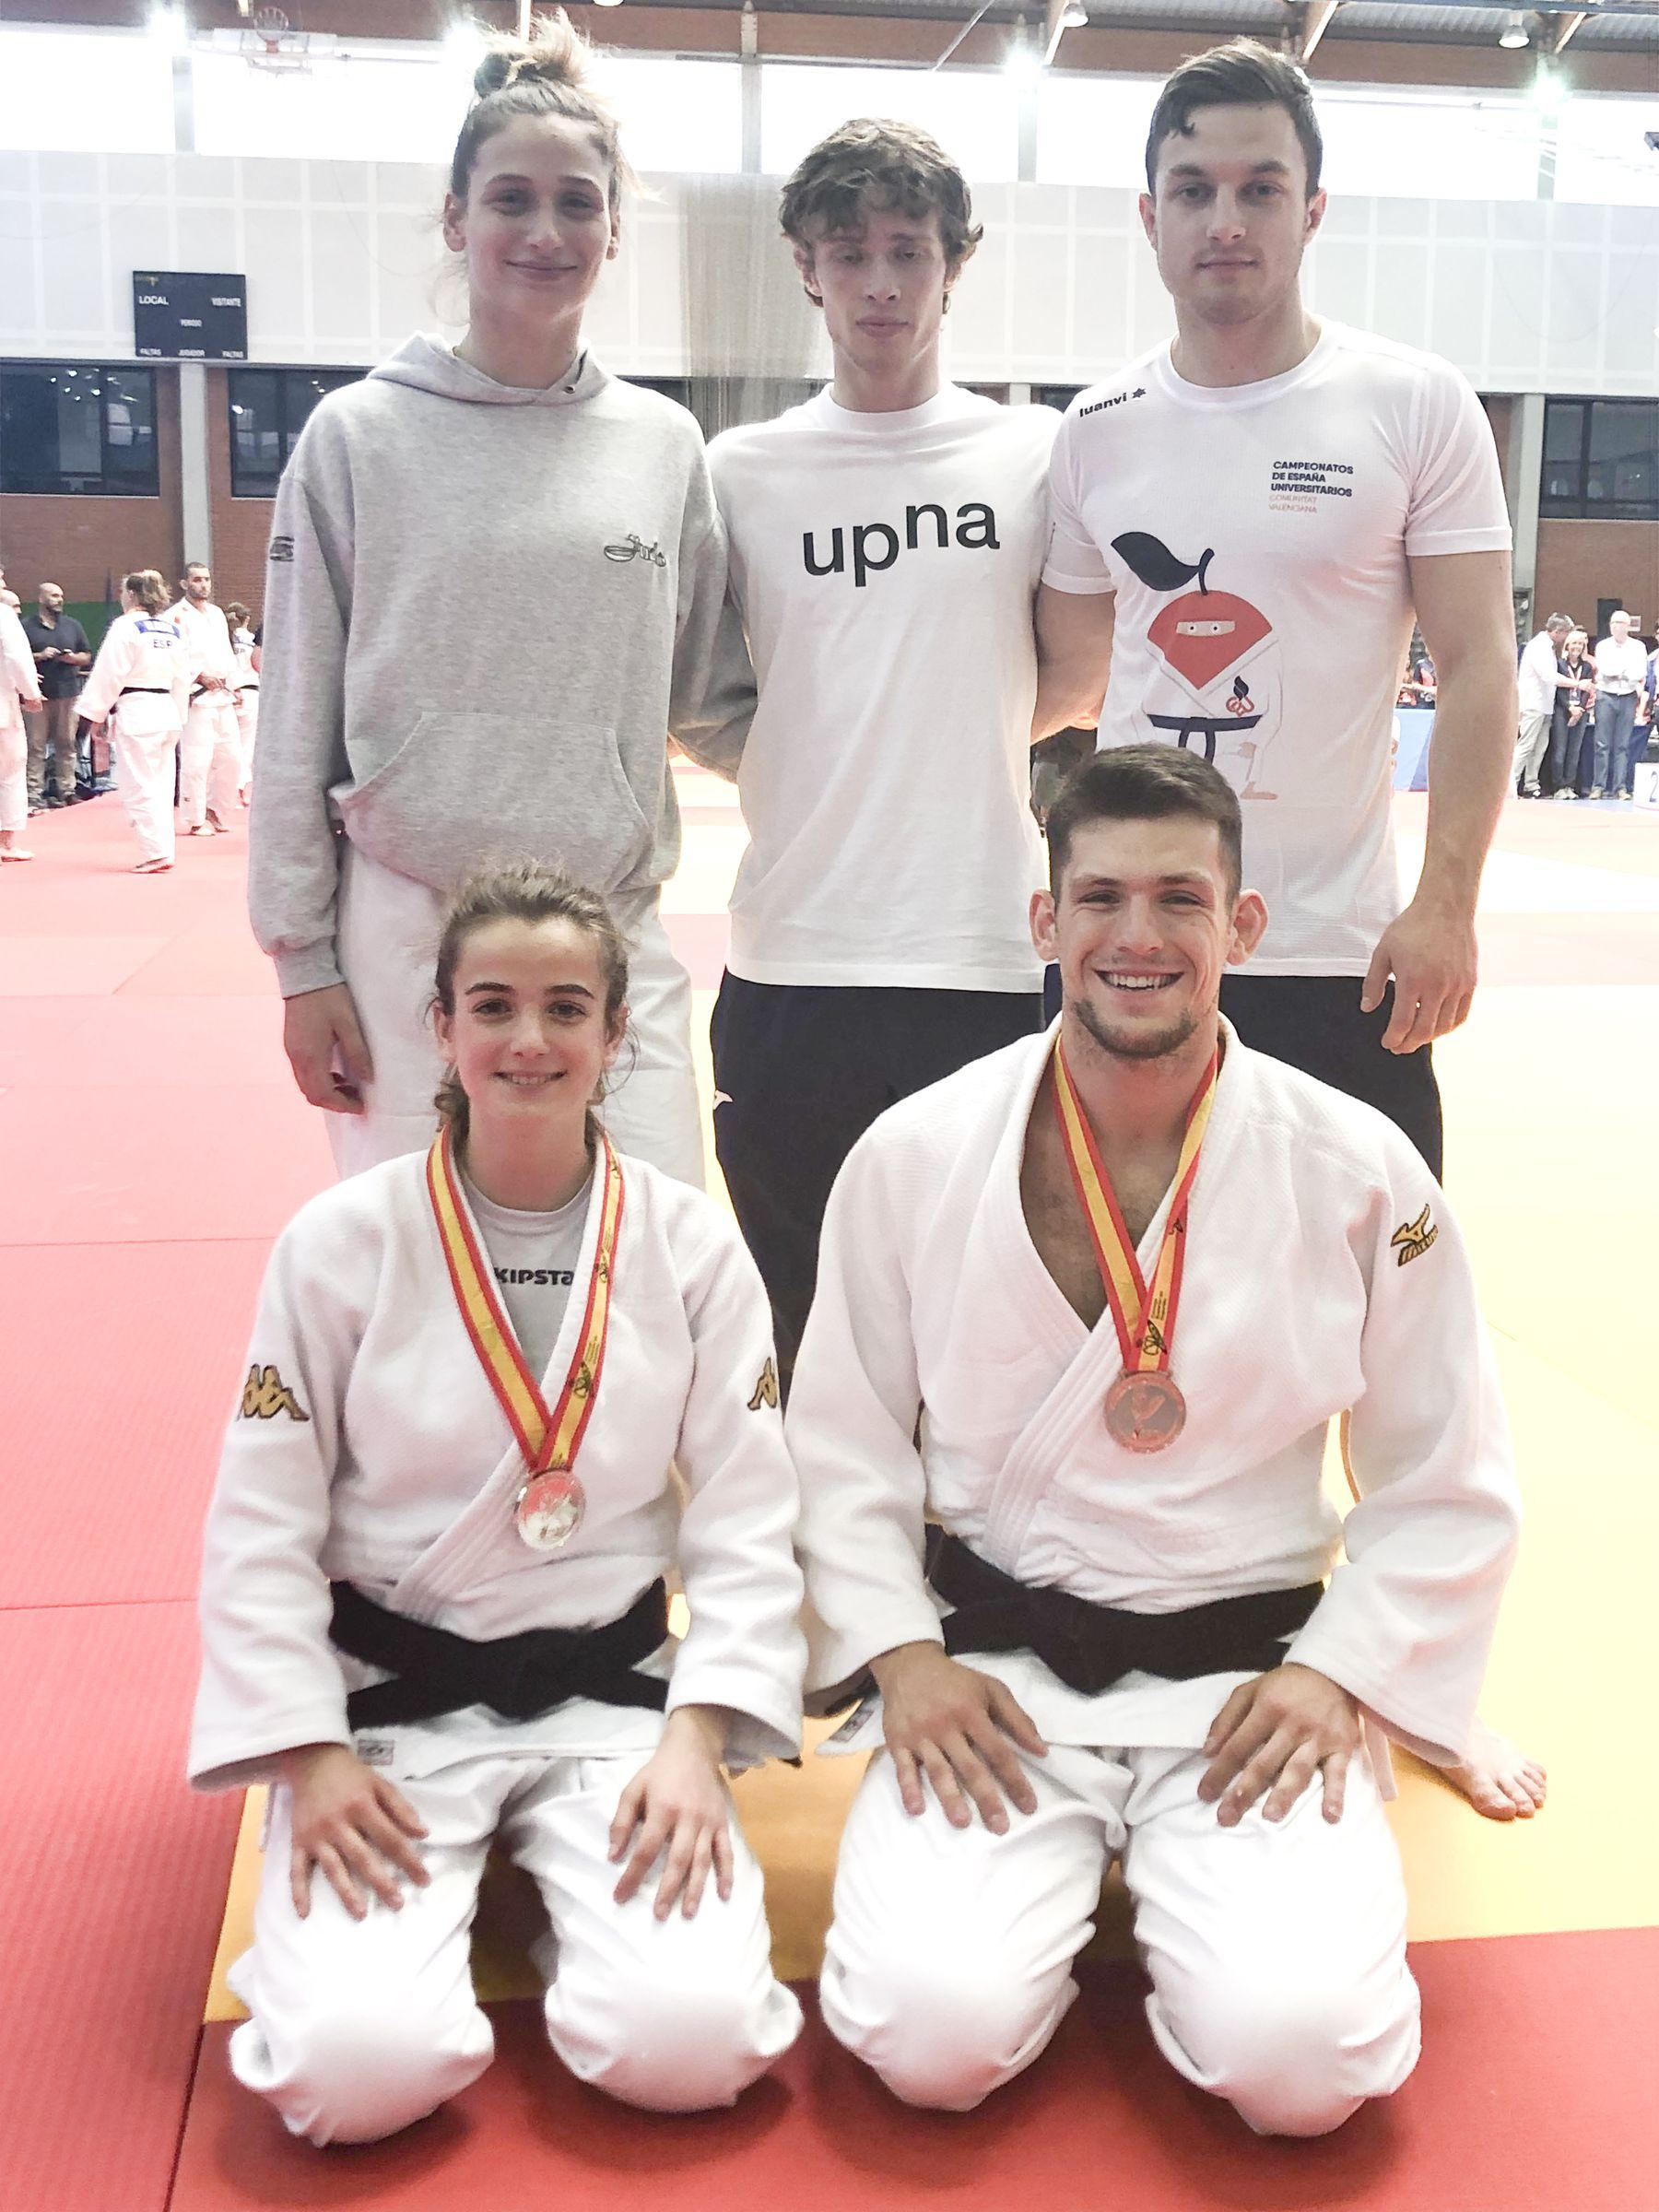 Equipo de judo de la UPNA, fotografiado en Valencia tras el campeonato. De pie (de izq. a dcha.), Saioa González, Javier Lassa y Anton Bonchak. Agachados (en el mismo sentido), Natalia Roda (plata) y Lucas Monreal (bronce).